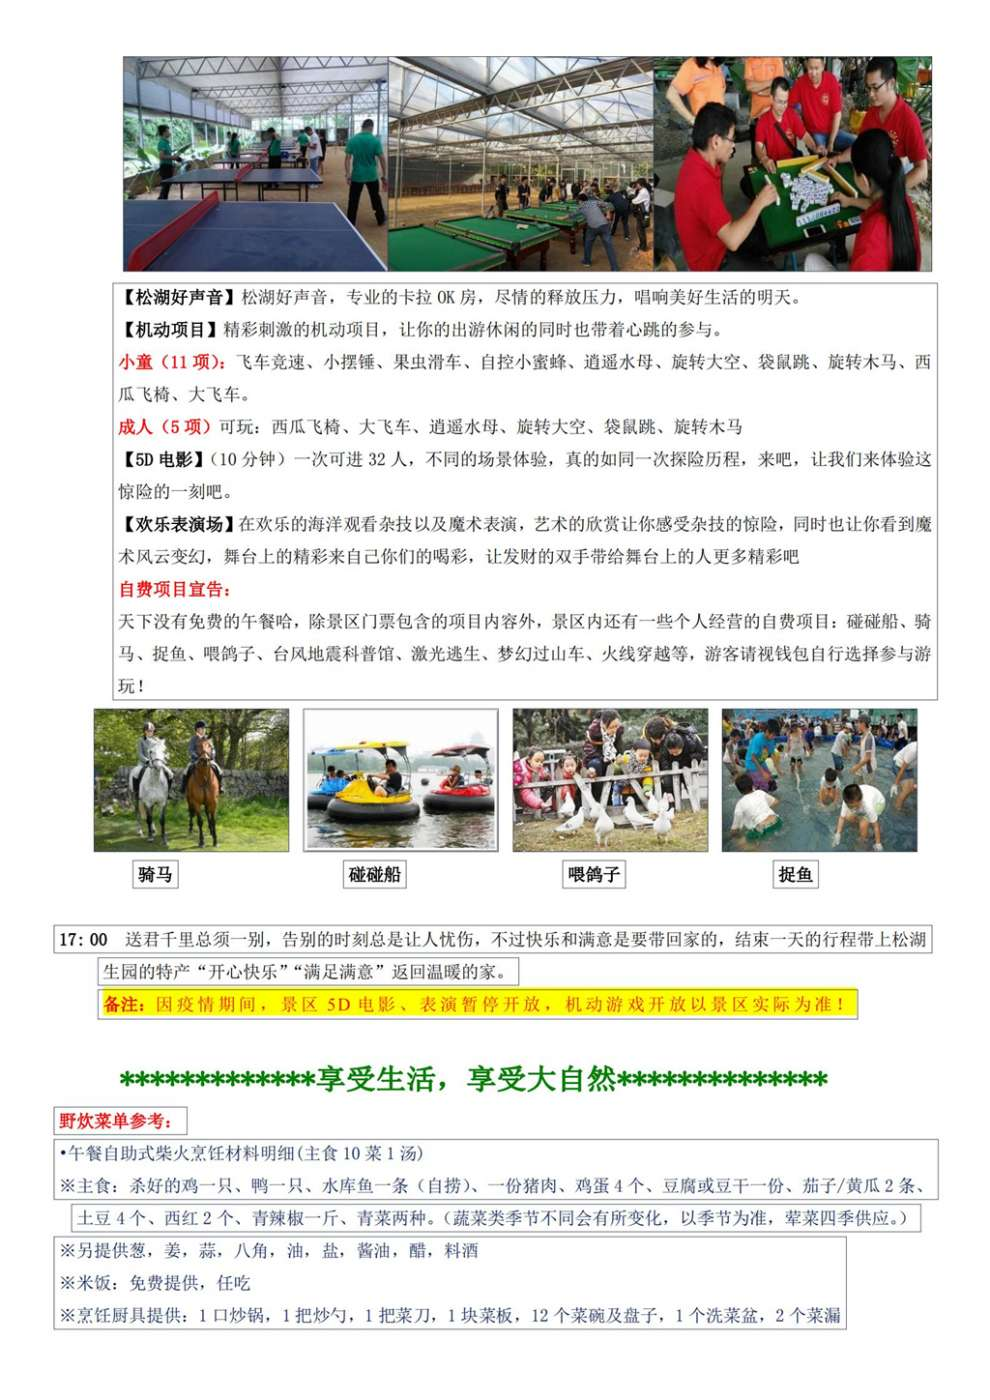 【东莞】松湖生态园野炊、趣味拓展经典一天之旅04